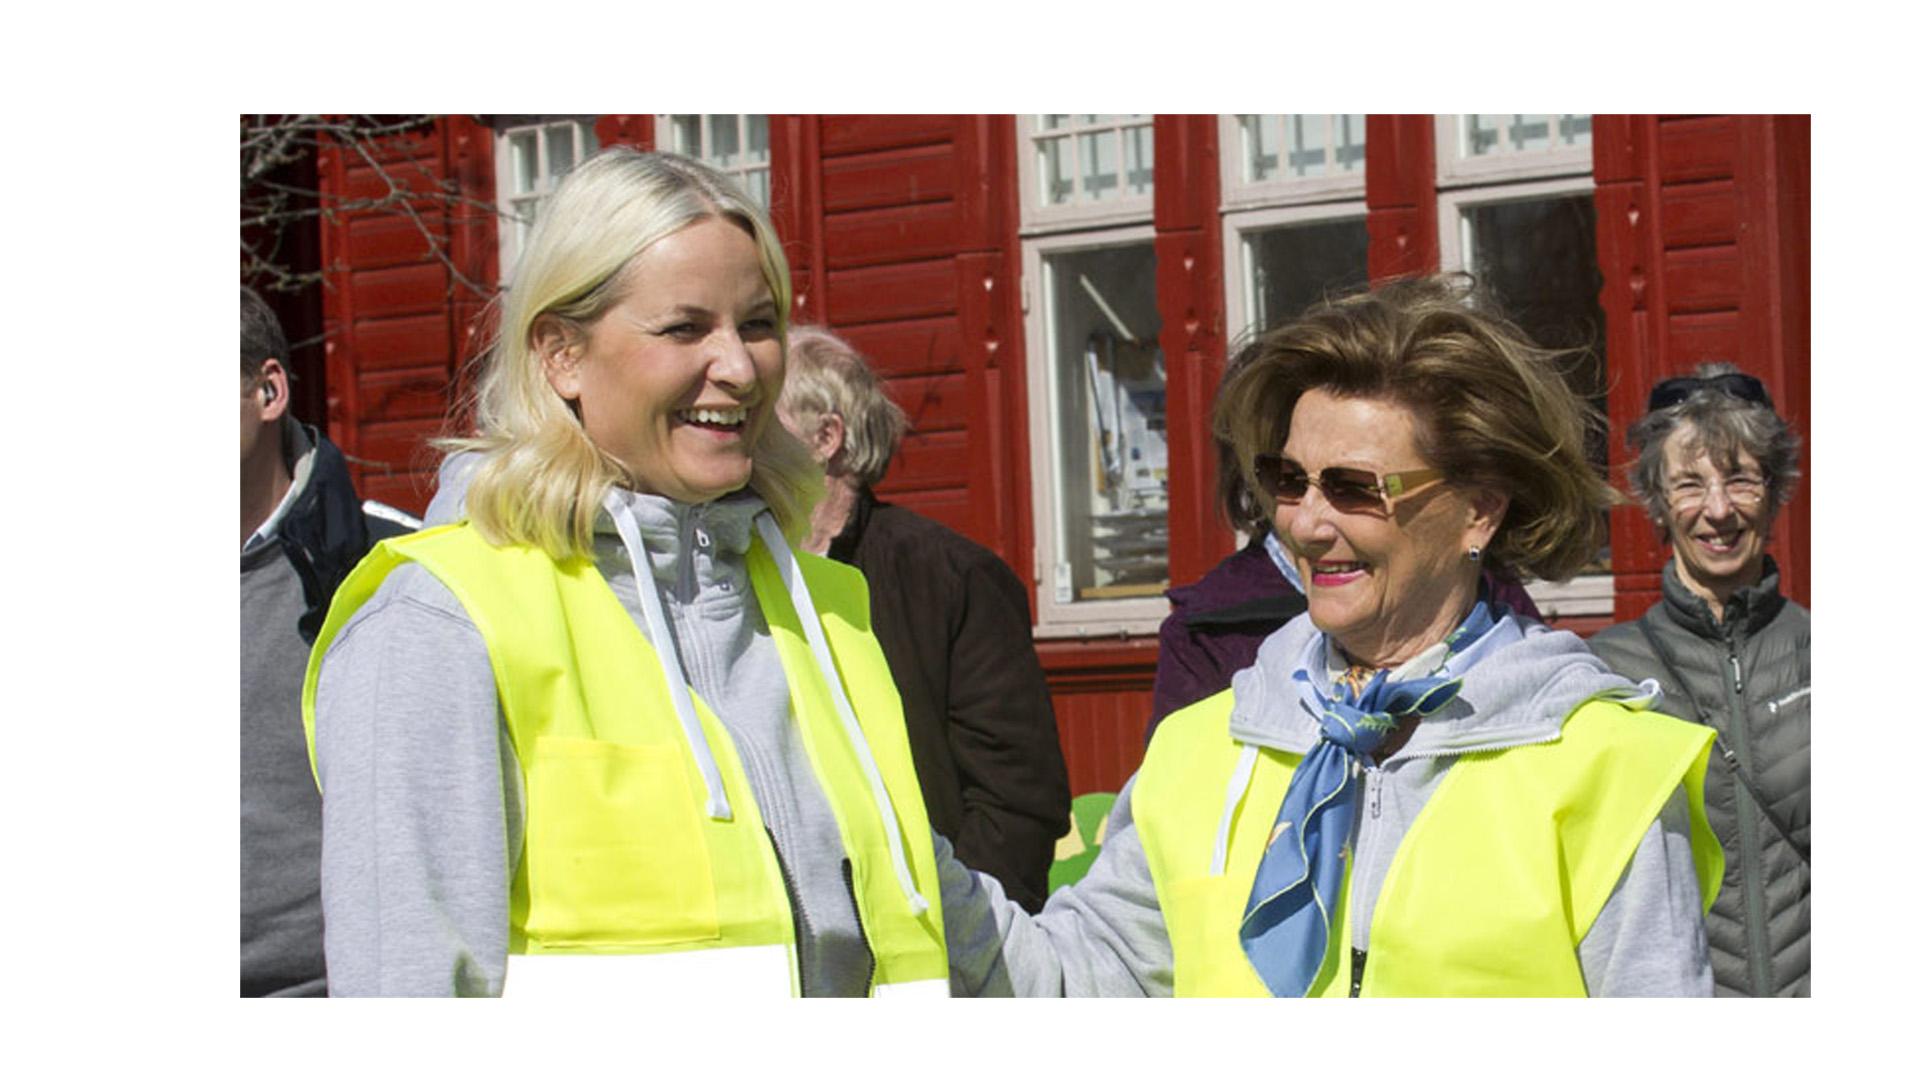 La Princesa y la Reina ayudaron con la limpieza de la ciudad dándole importancia a mantener todo en su lugar